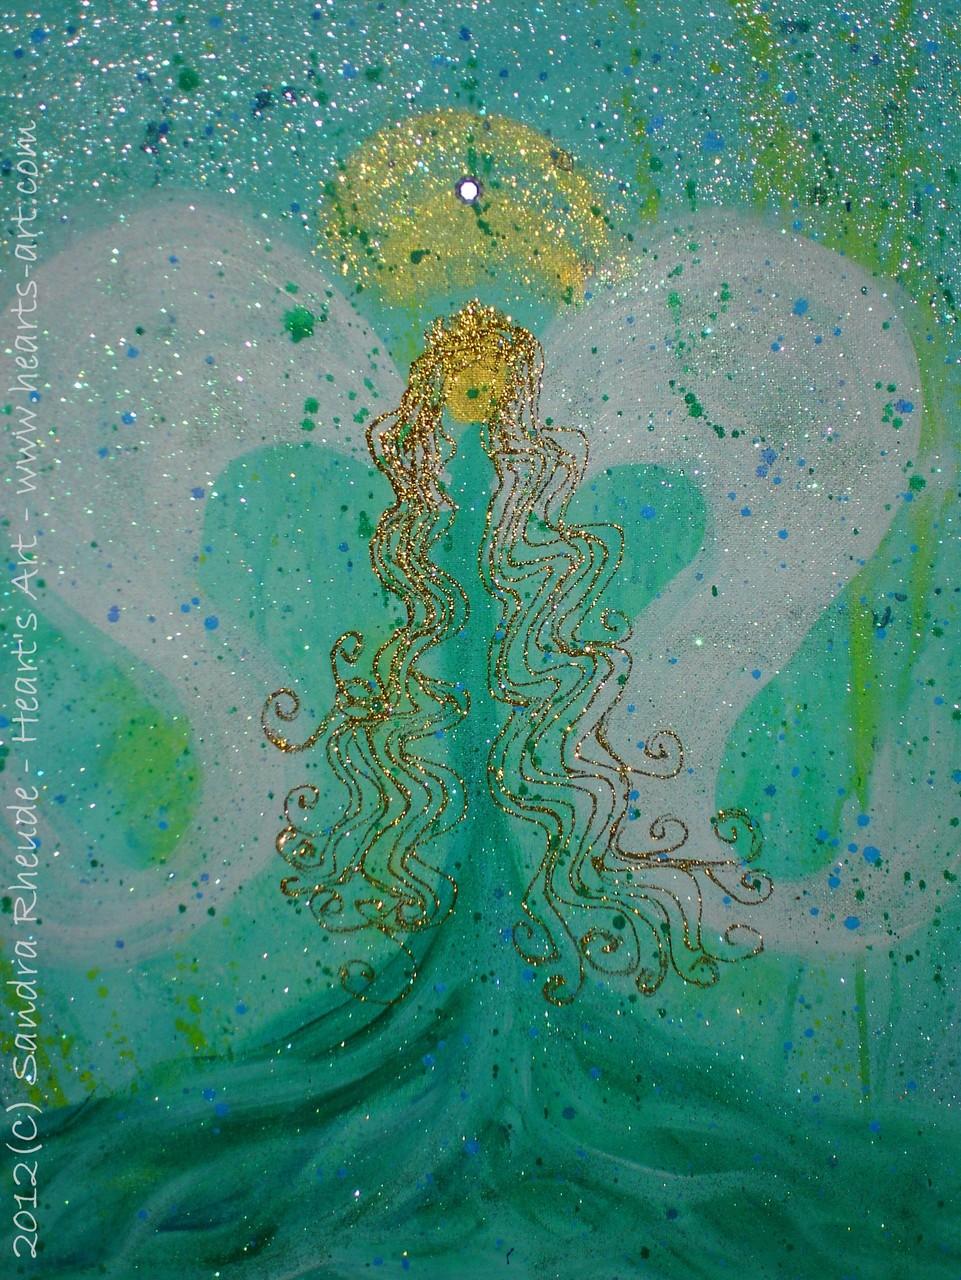 'Raphael' - 2012/3 - Acryl auf Leinwand - 40 x 50 cm - verkauft